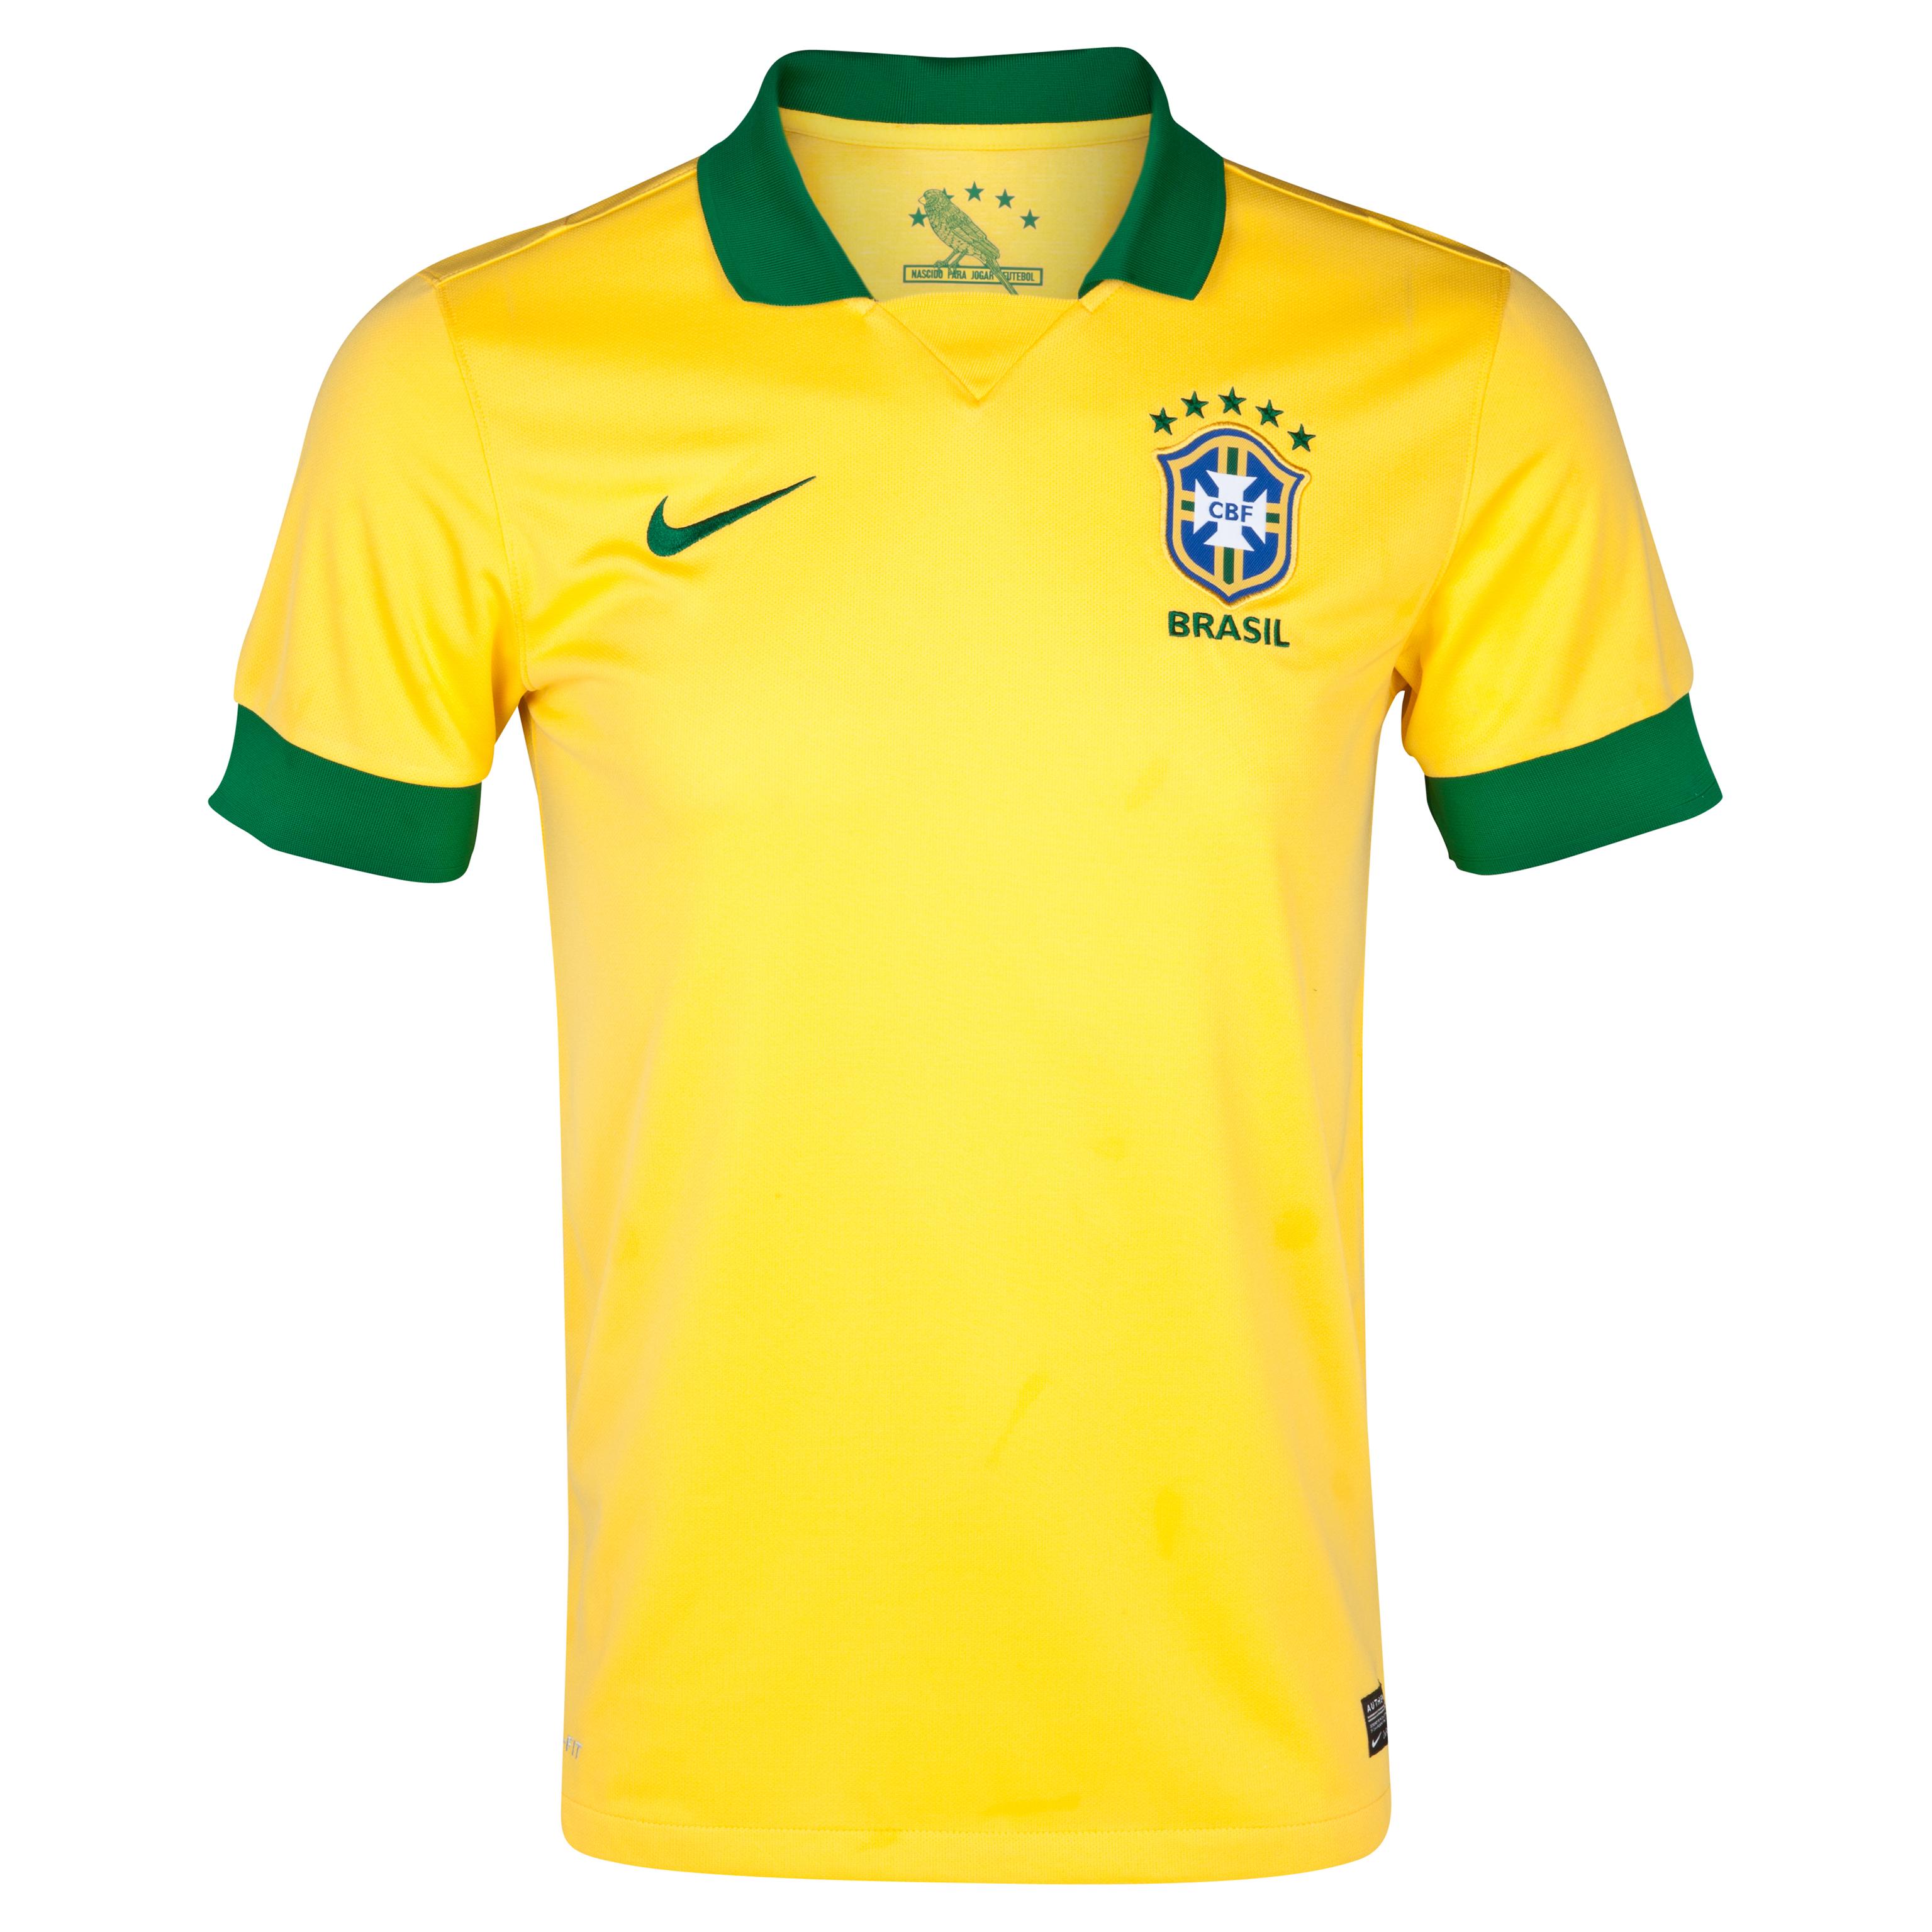 Brazil Home Shirt 2013/14